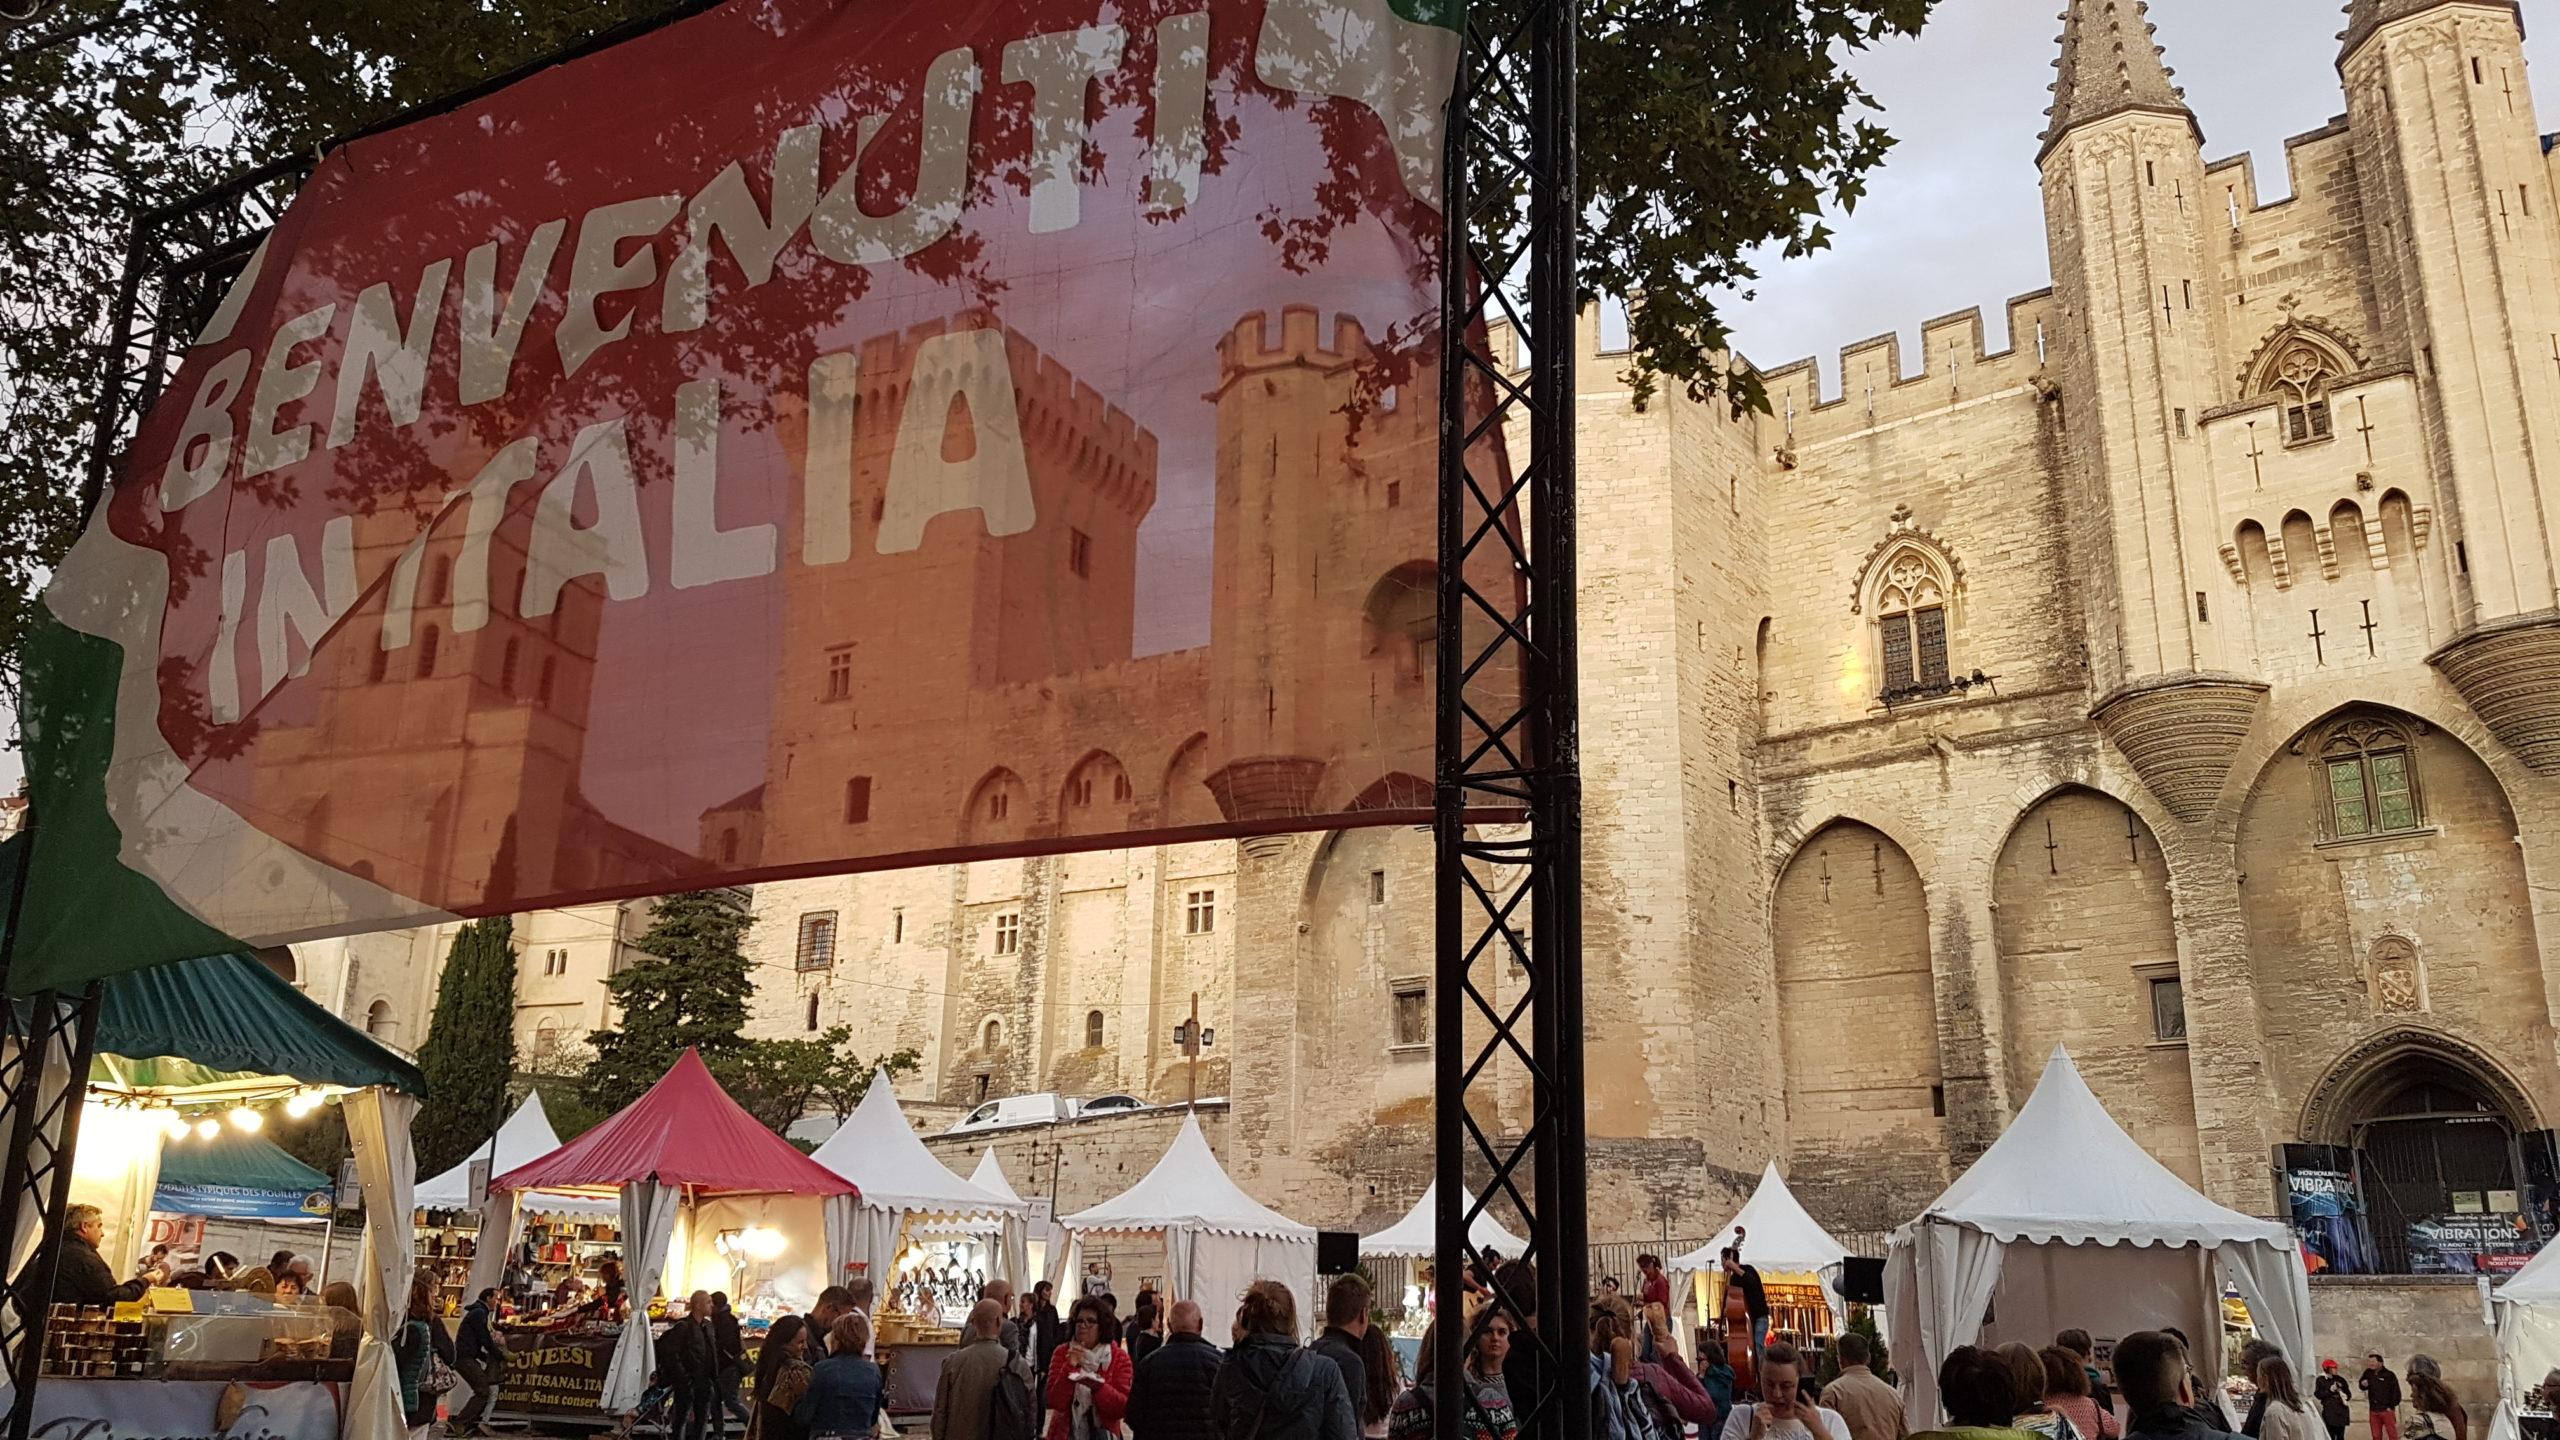 Villaggio italiano Avignone